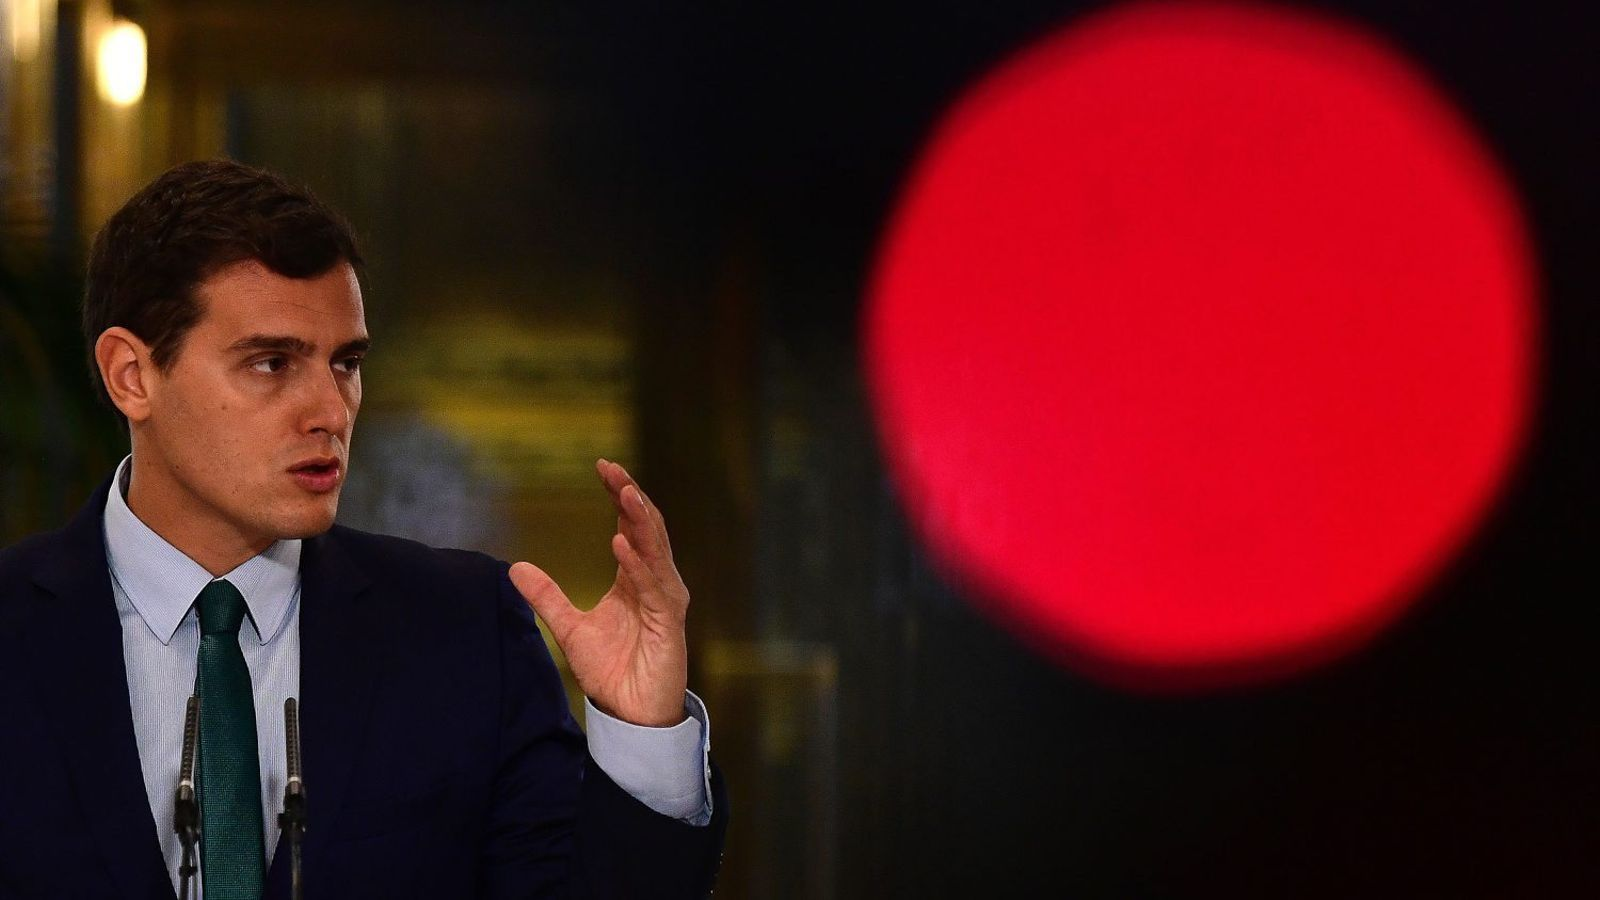 El líder de Ciutadans, Albert Rivera, durant la compareixença de premsa posterior a la reunió amb el president del govern espanyol en funcions, Mariano Rajoy.